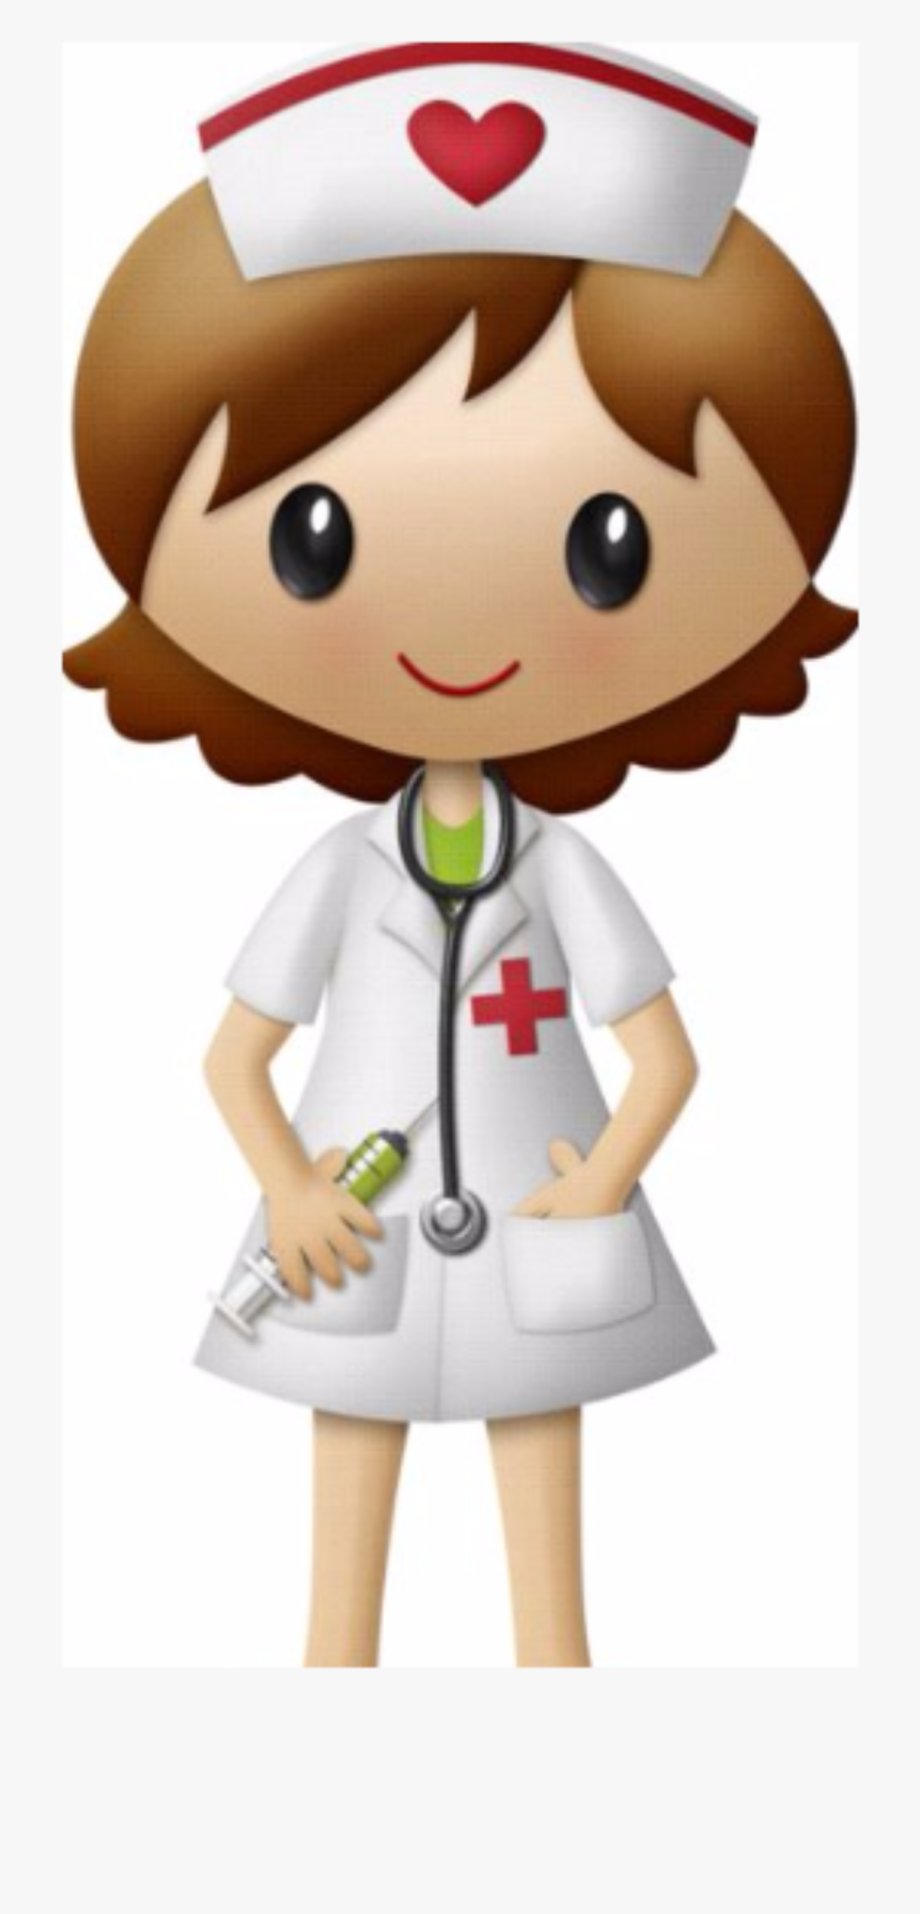 Nurse Clipart Png.